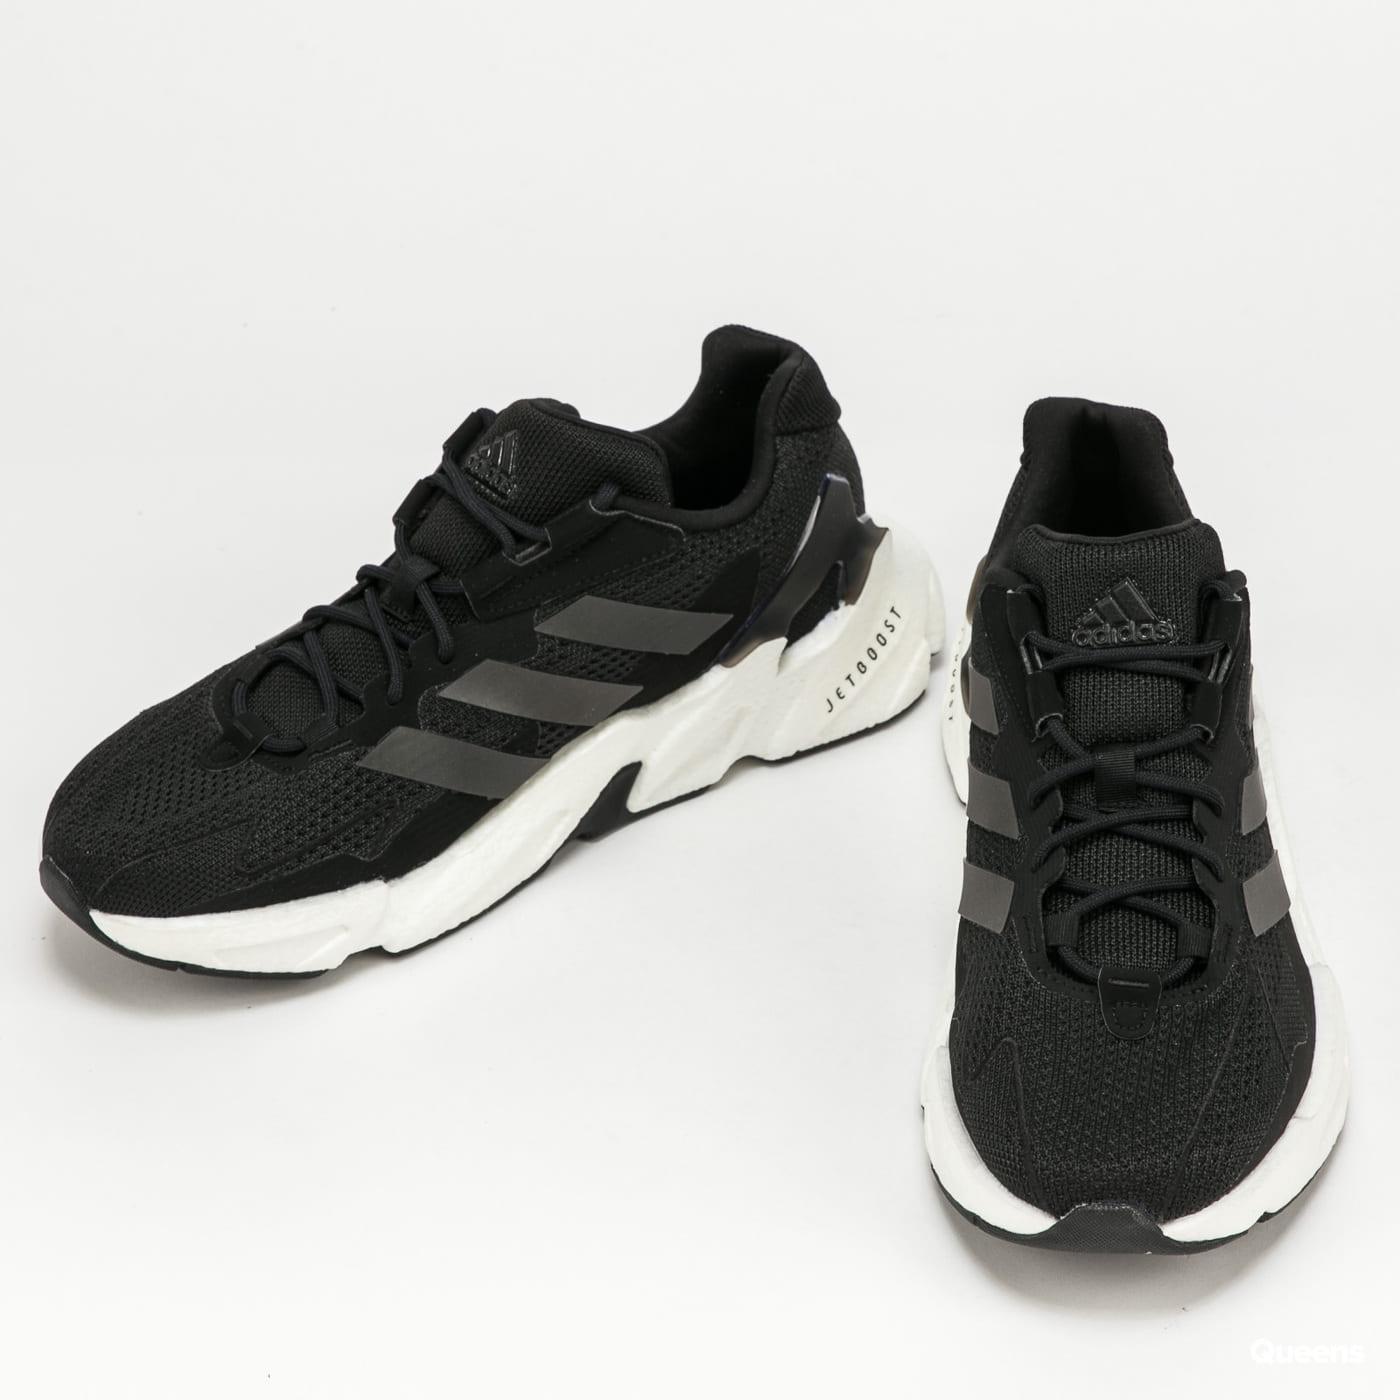 adidas Performance X9000L4 M cblck / cblack / ftwwht